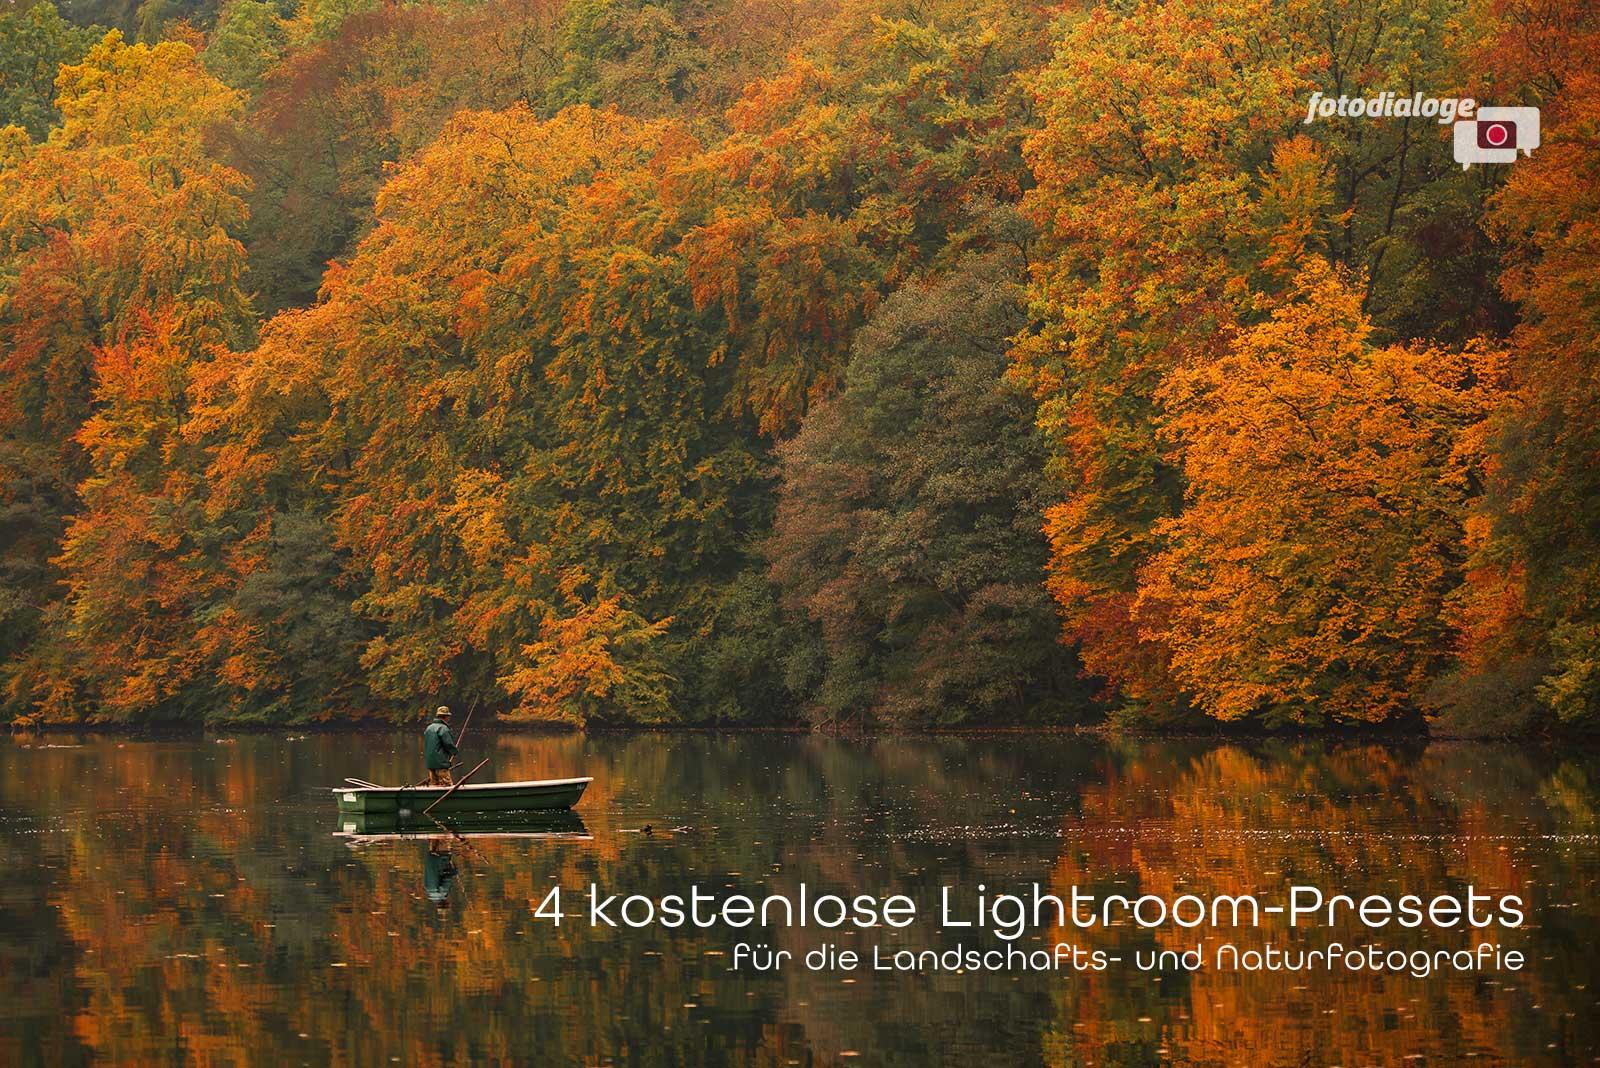 4 kostenlose Lightroom Presets für Landschafts- und Naturfotografie